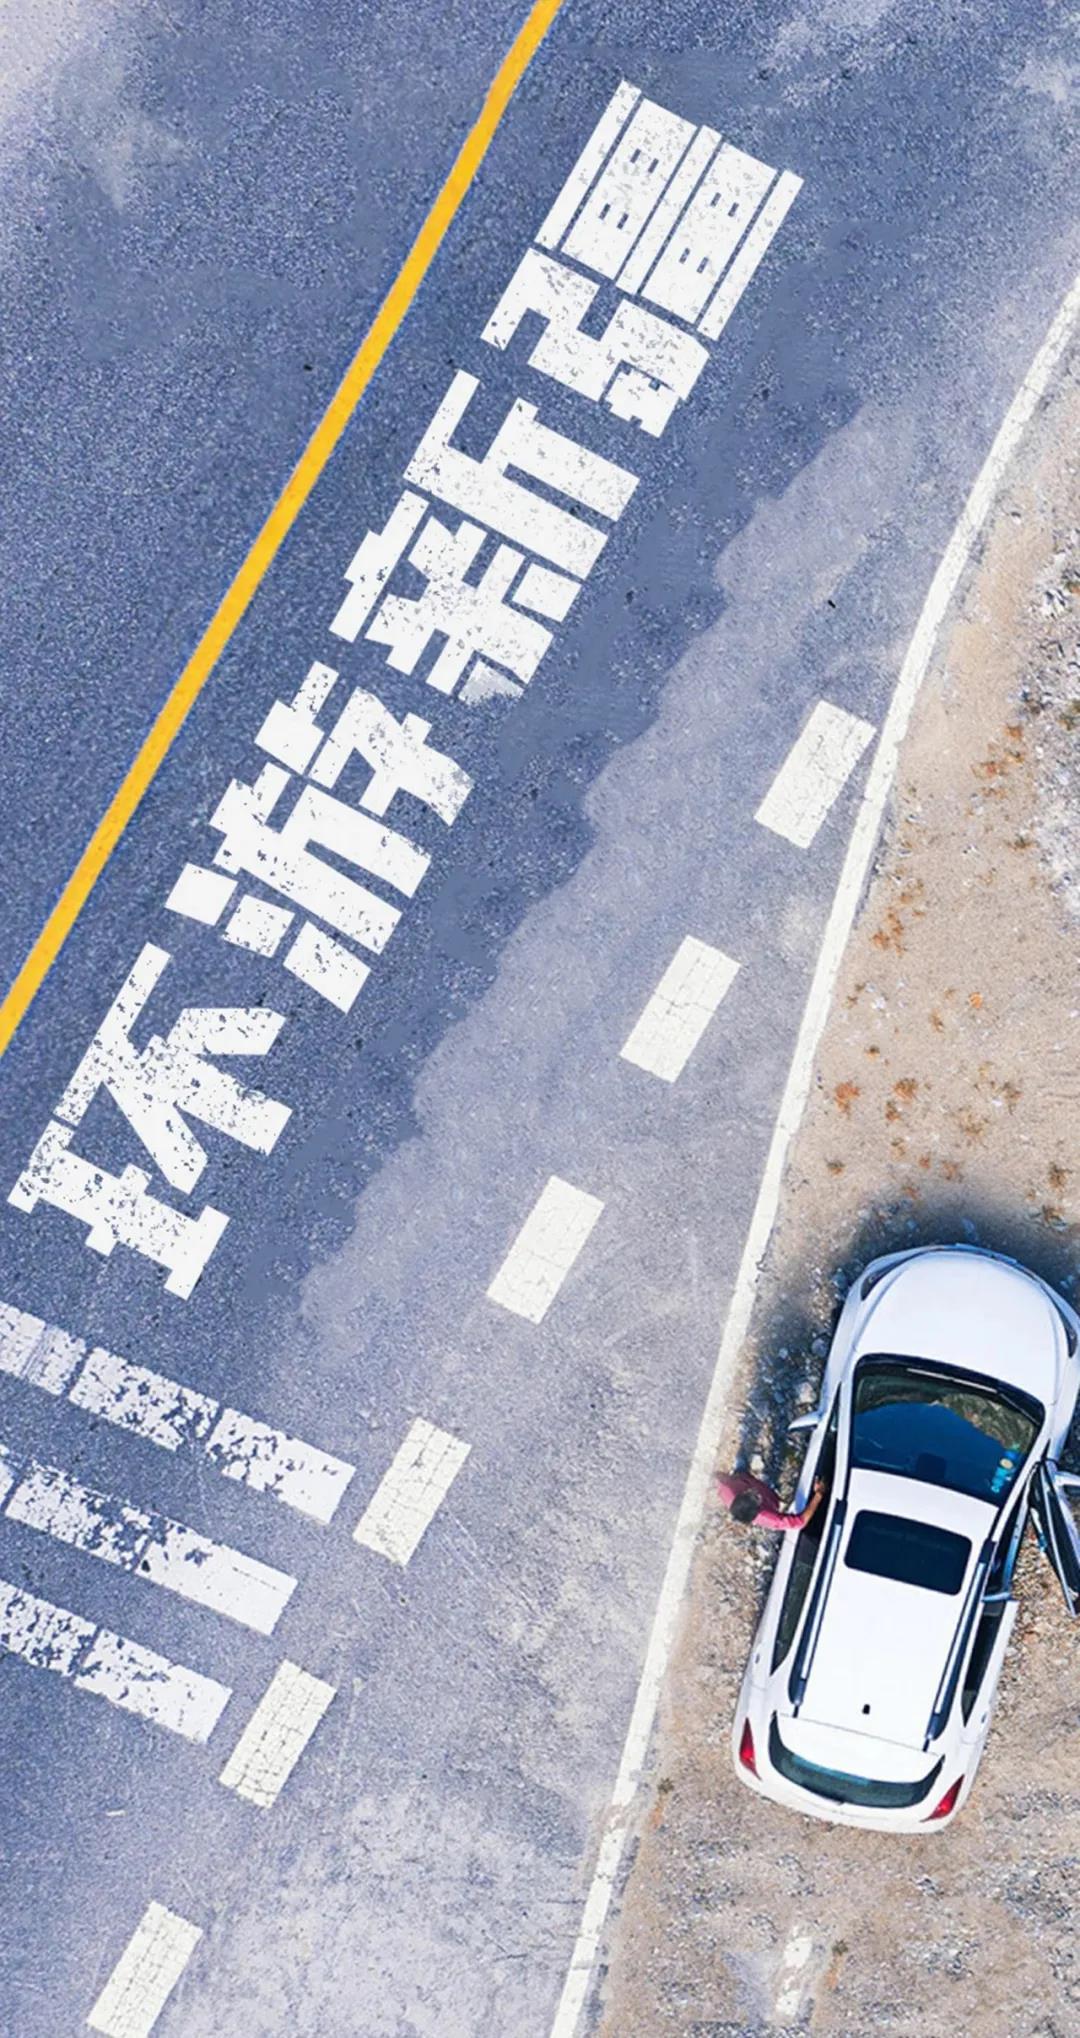 6月19日环游新疆全景29天自驾:丝绸之路南疆,北疆,大西北大环线全景自驾